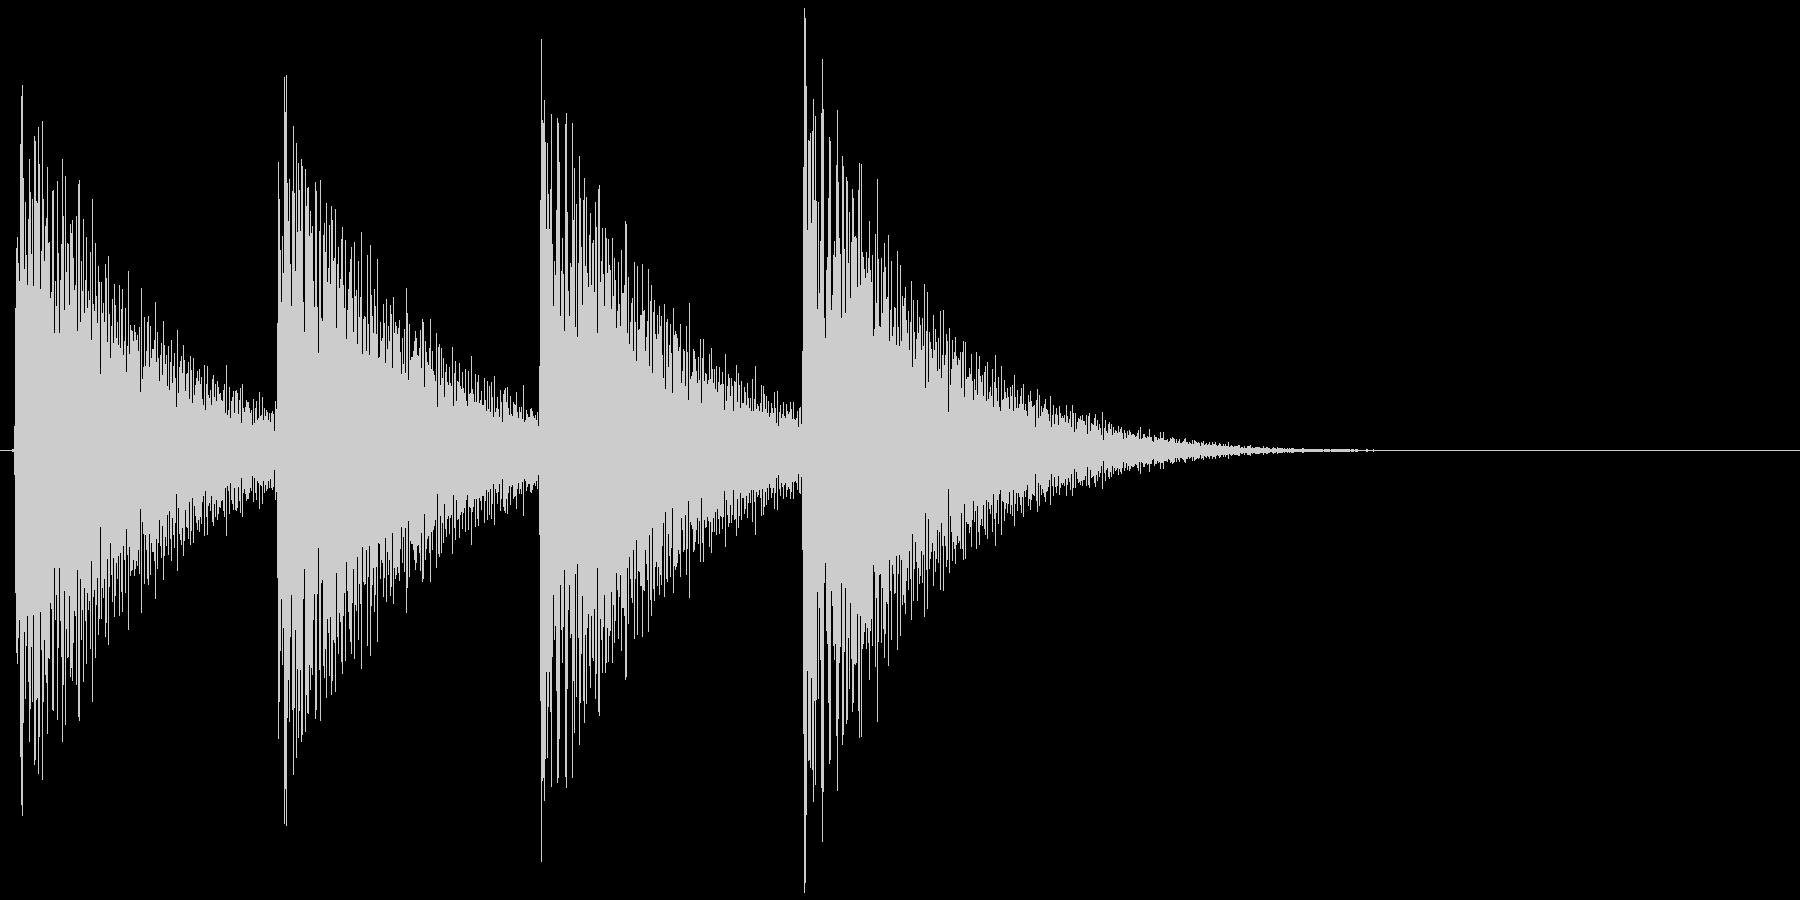 ギュインギュイン...(アラート、危険)の未再生の波形